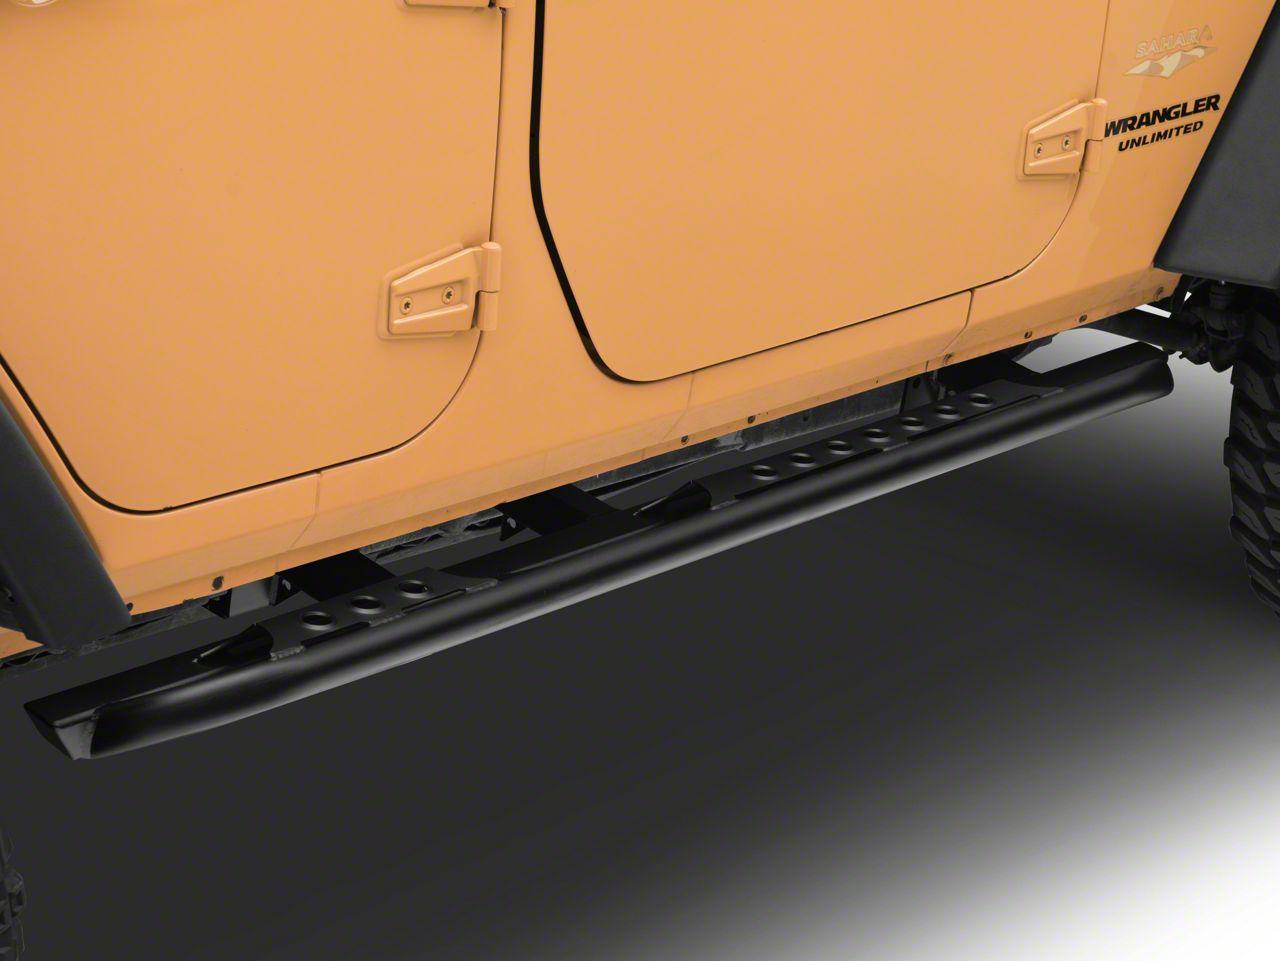 LoD Offroad Signature Series Rock Sliders - Textured Black (07-18 Jeep Wrangler JK 4 Door)